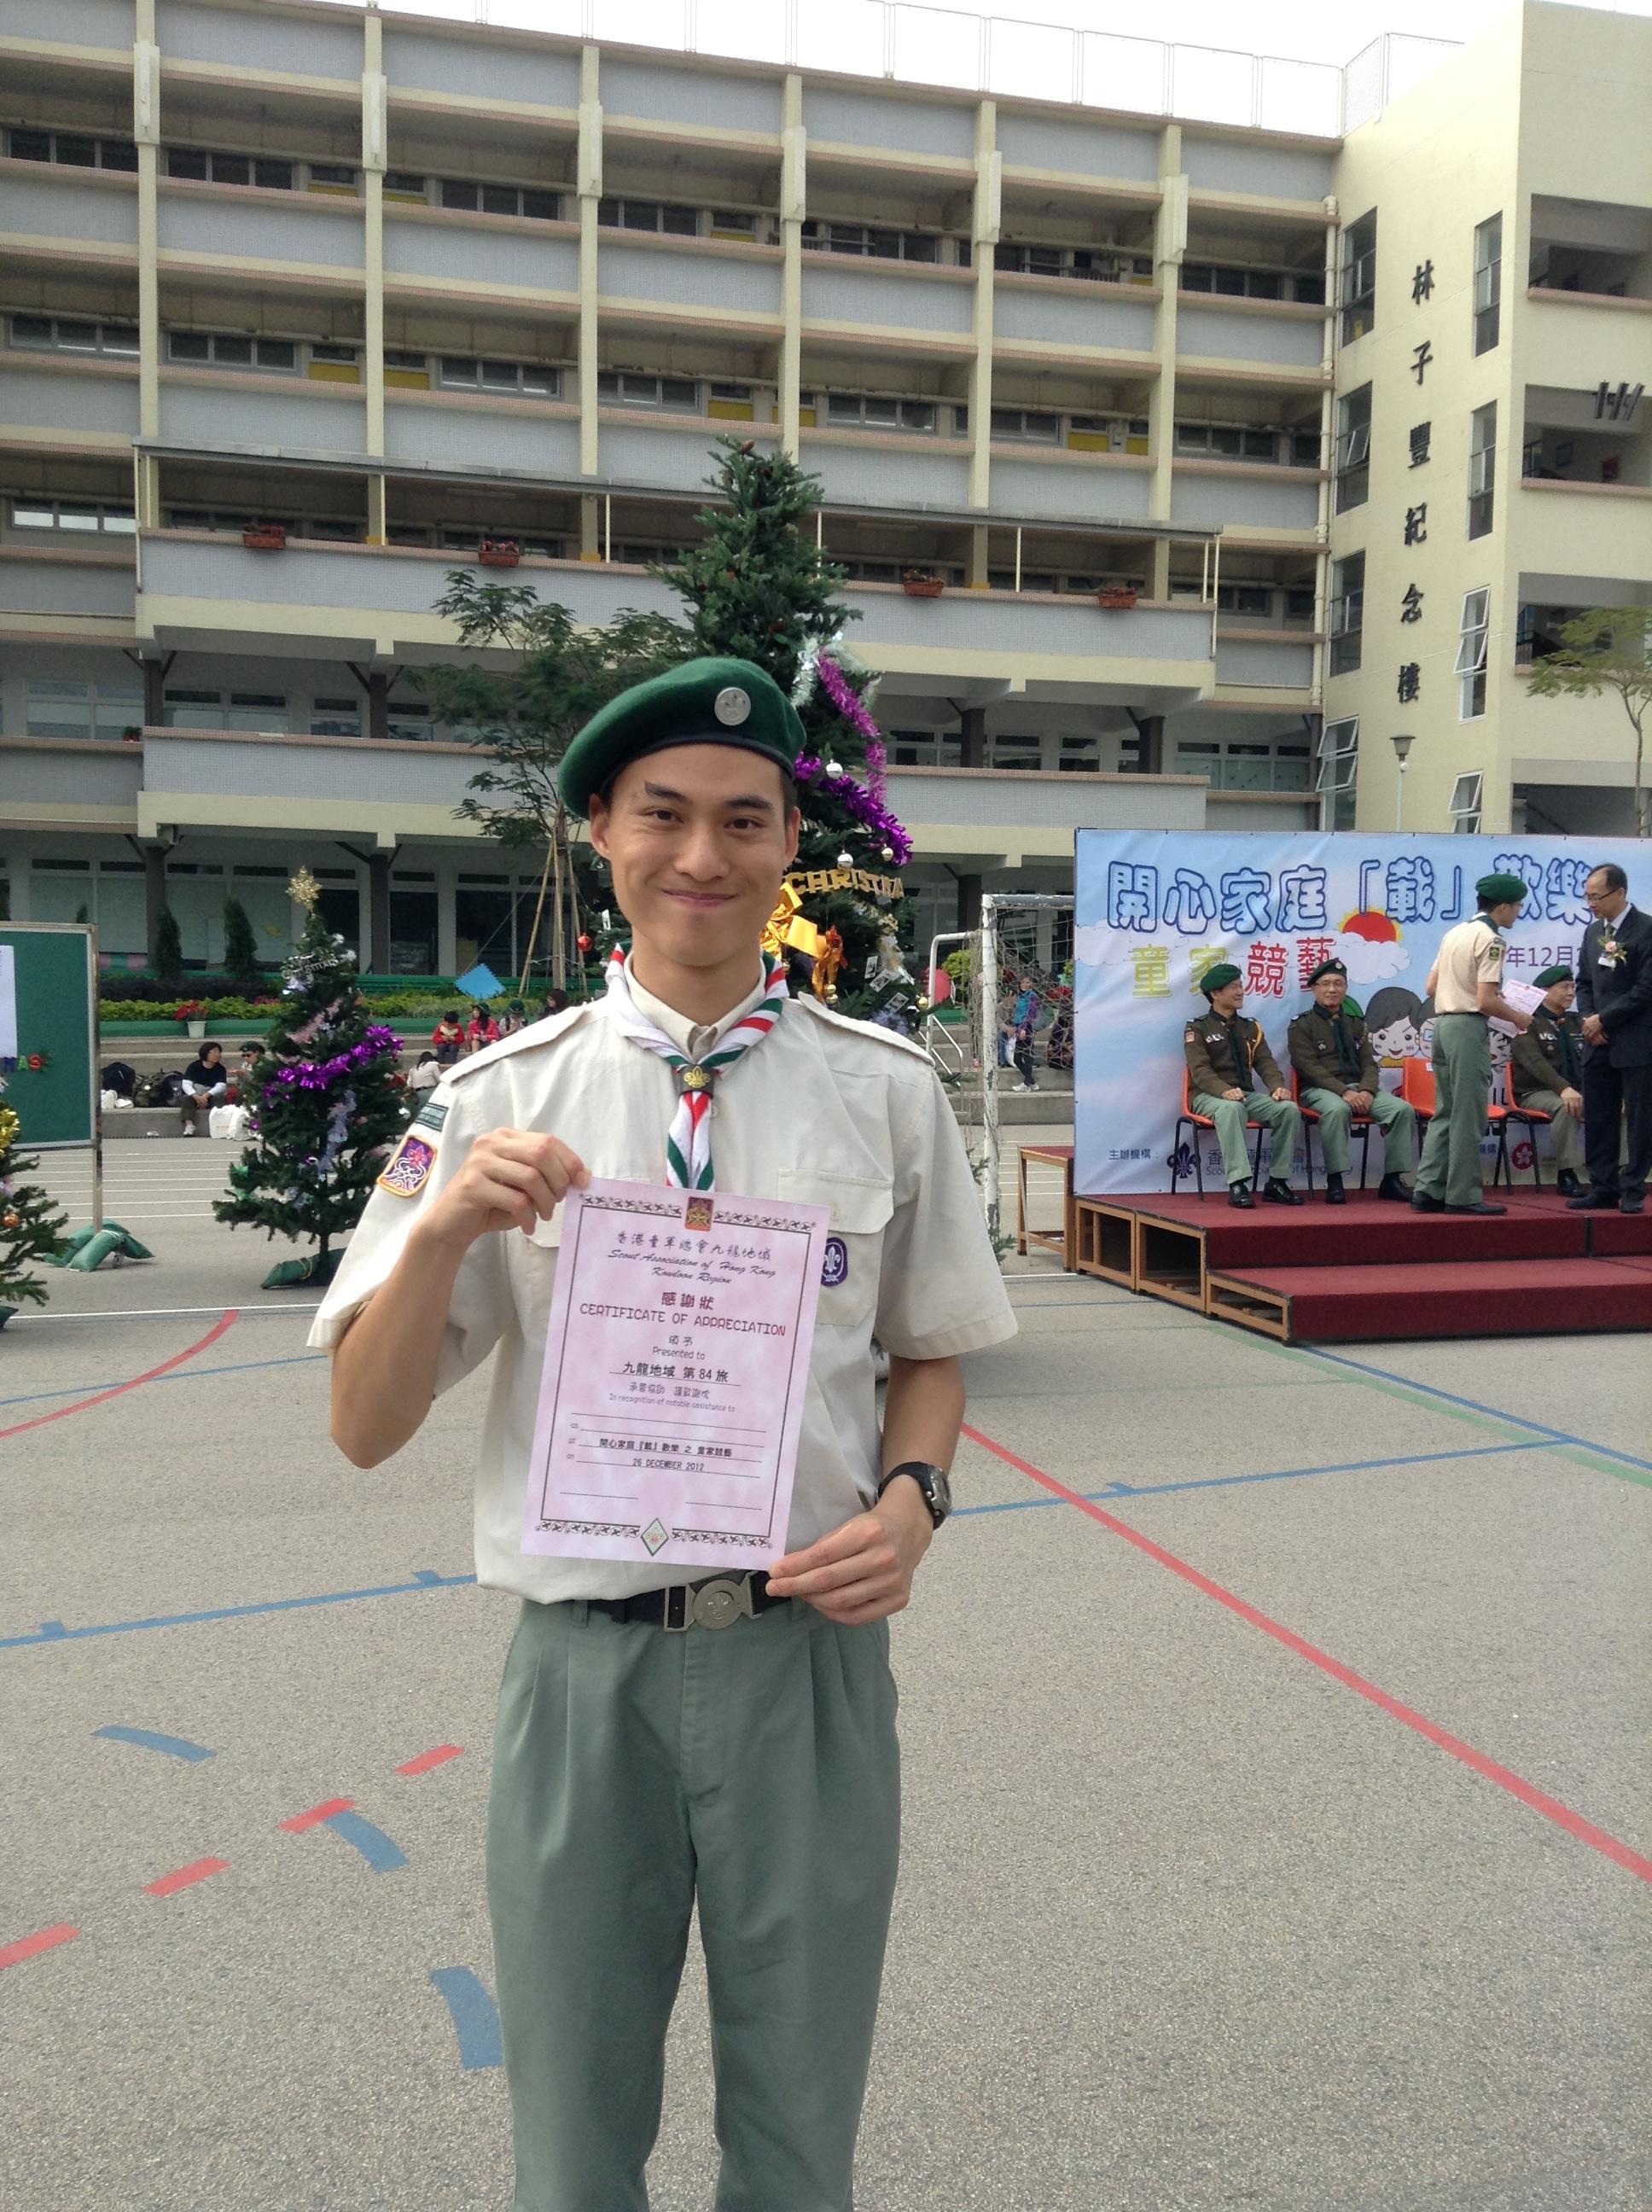 26/12/2012 主席余國健代表本旅團上台取證書